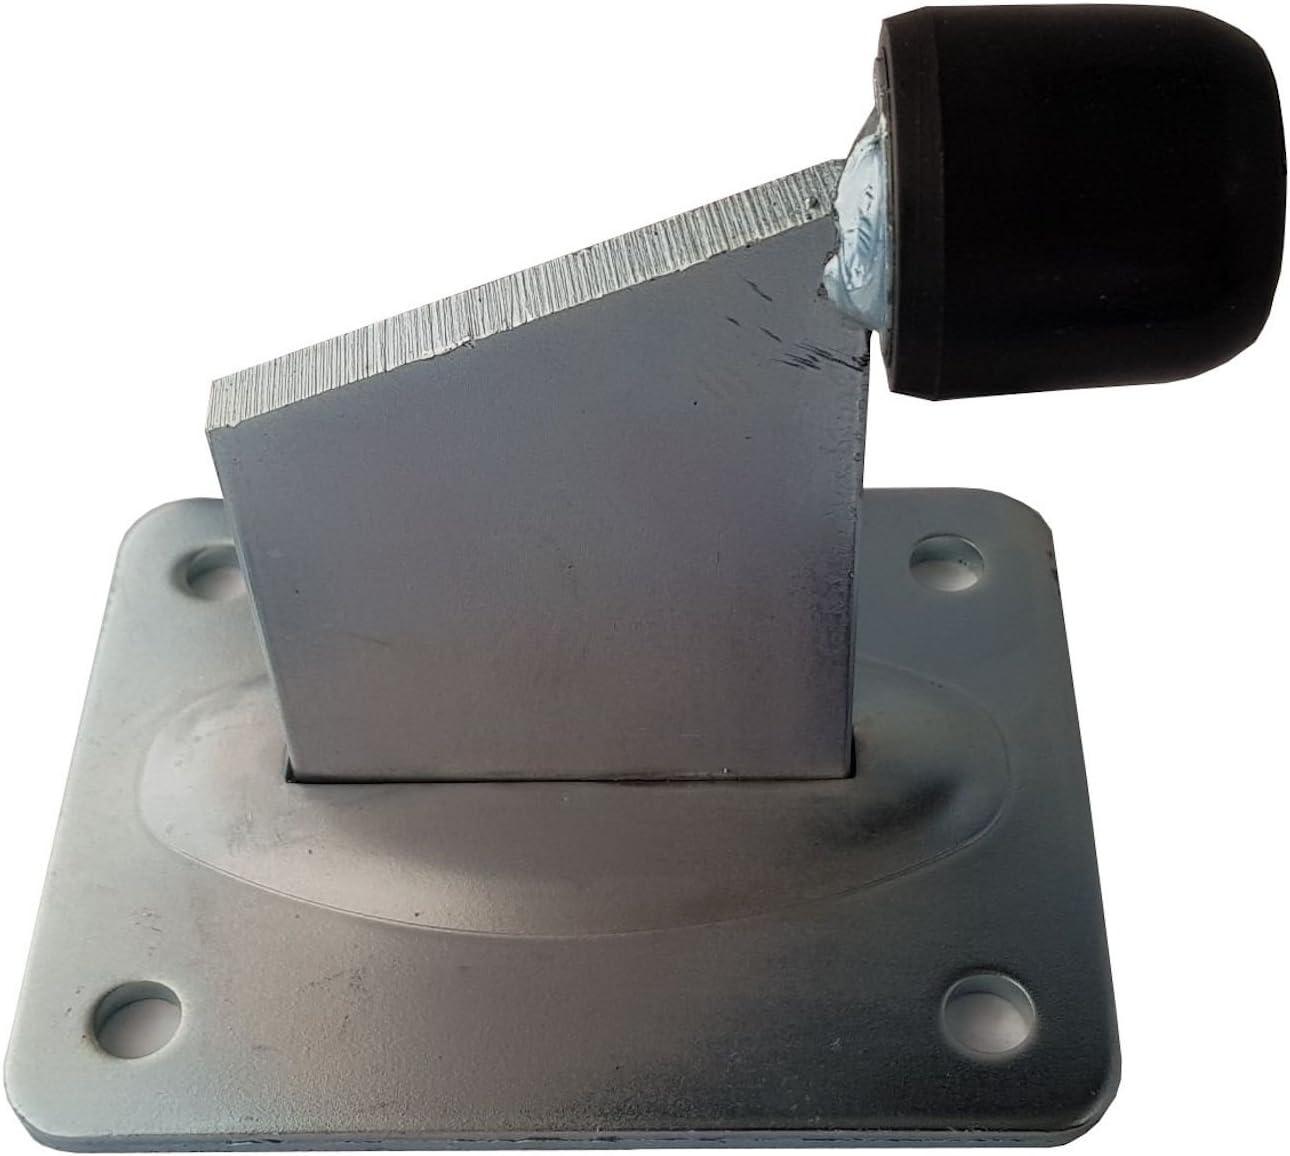 SO-TOOLS/® Torstopper H/öhe 118 mm verzinkt mit Ankerplatte 130 x 100 mm T/ürstopper f/ür Rolltore und schwere T/üren